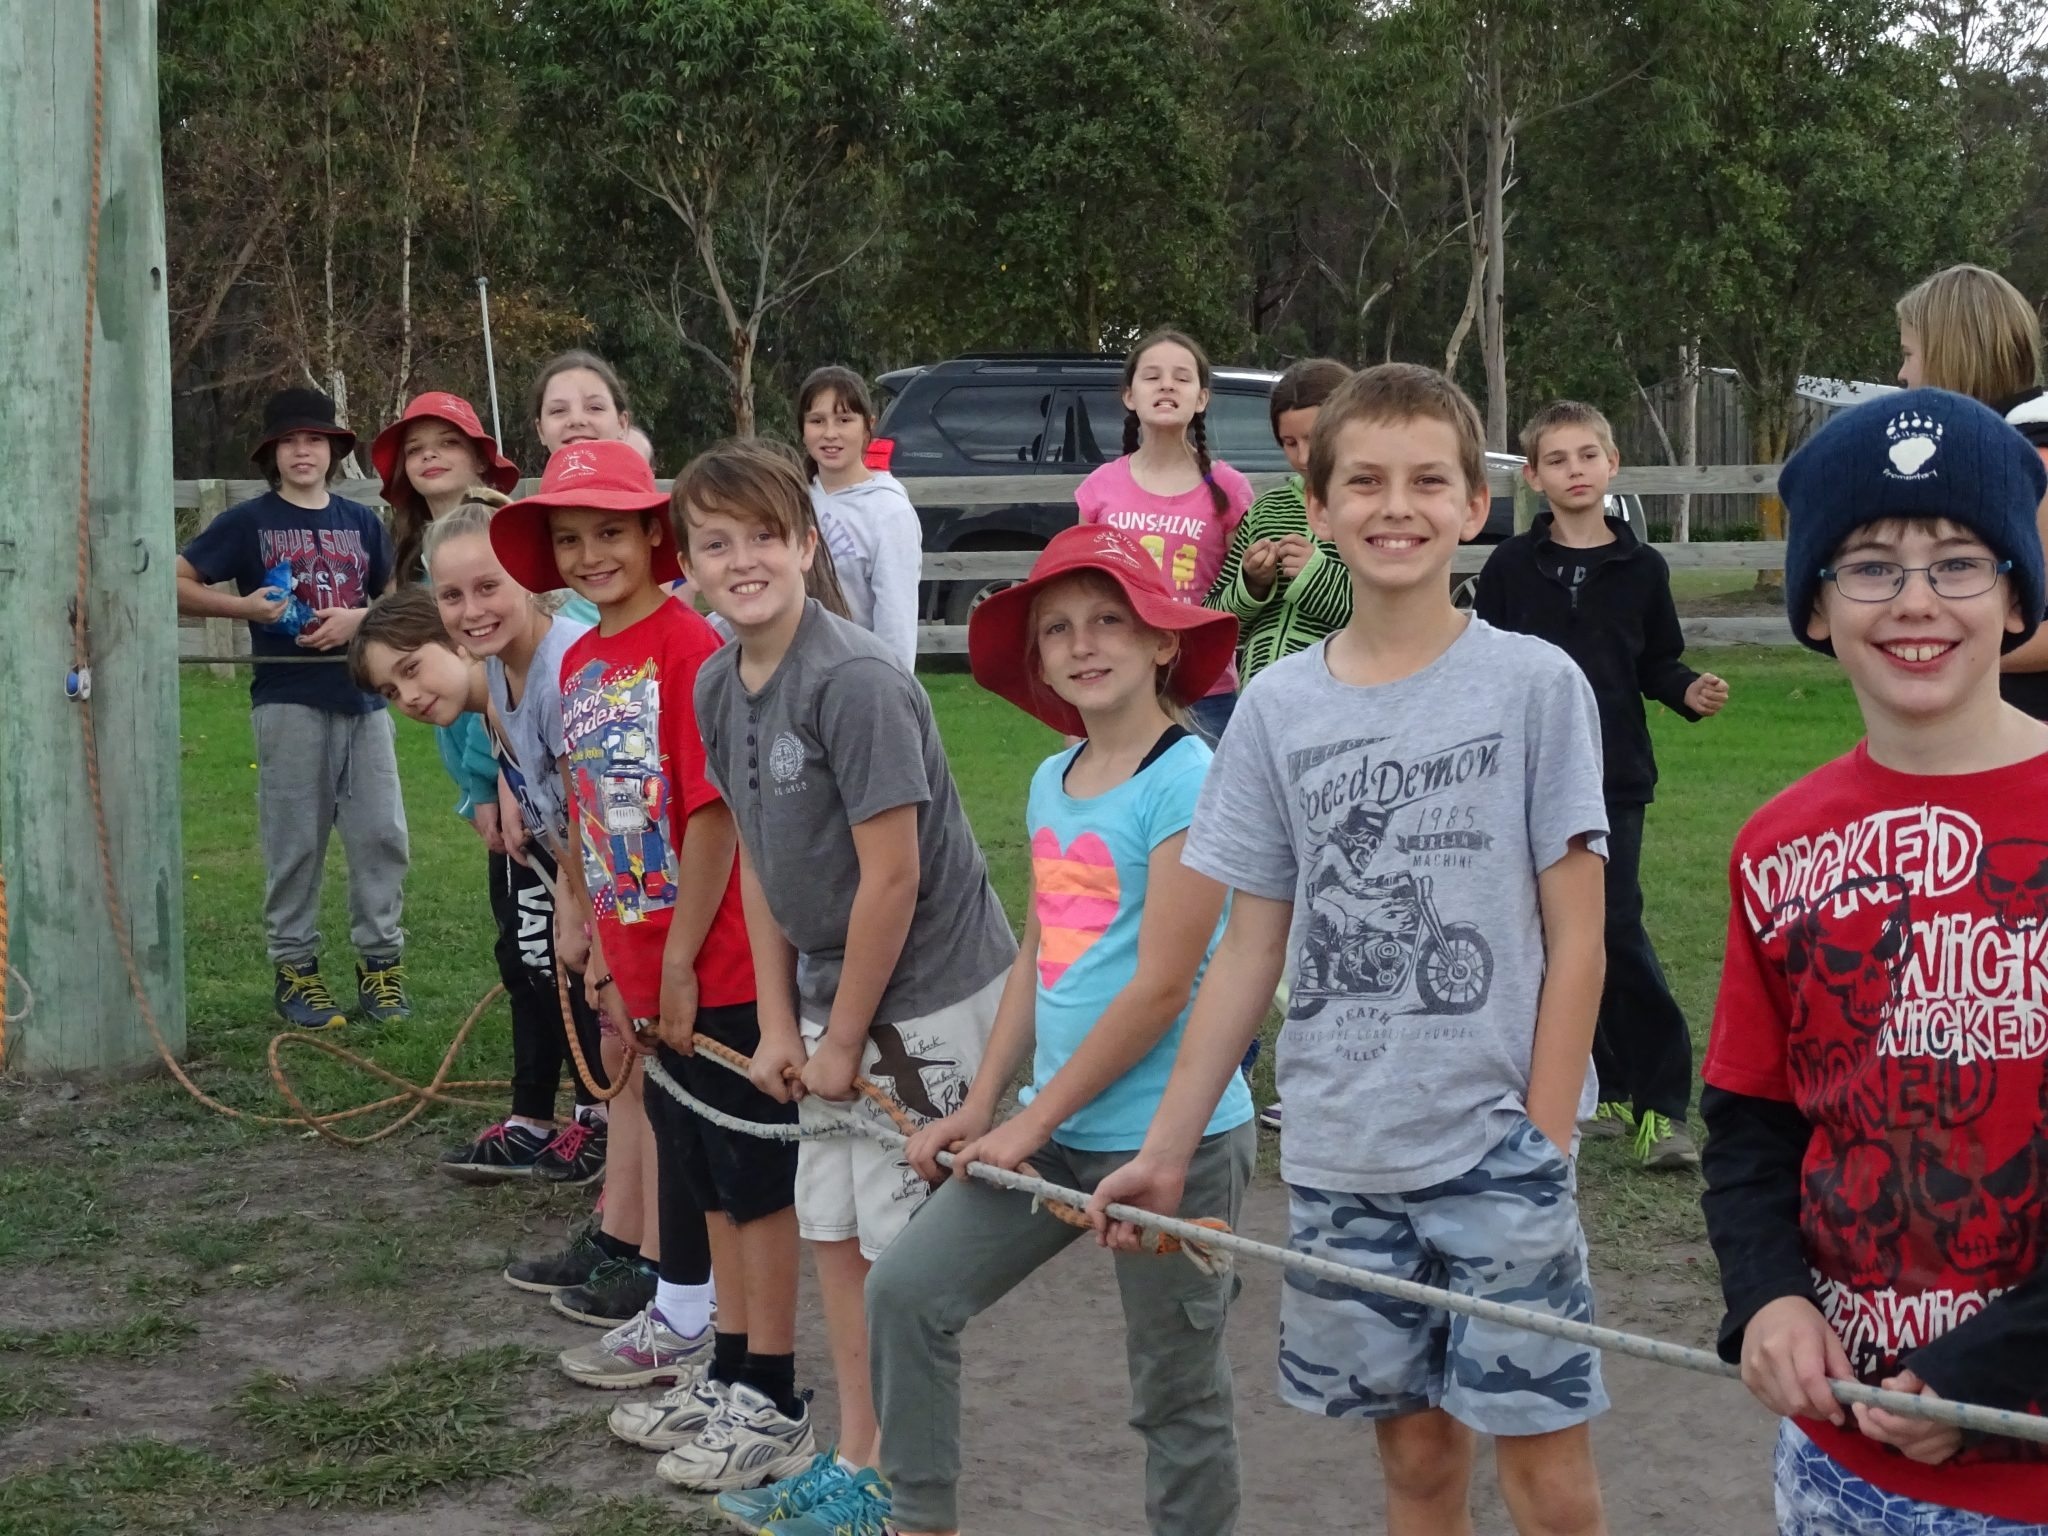 Giant Swing team work